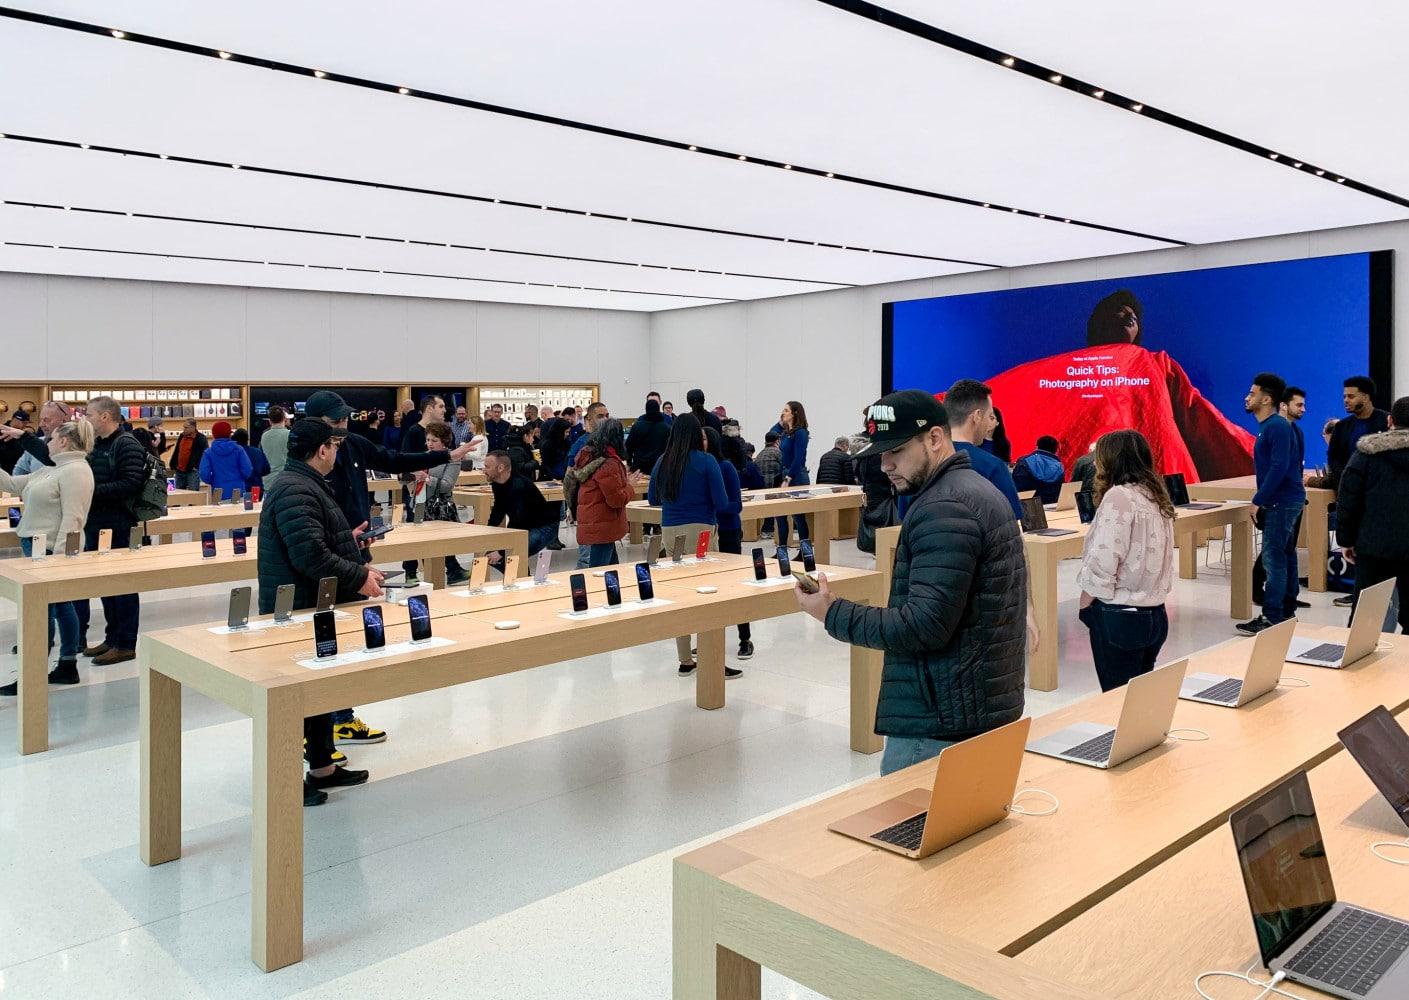 Segunda Apple Store en Toronto